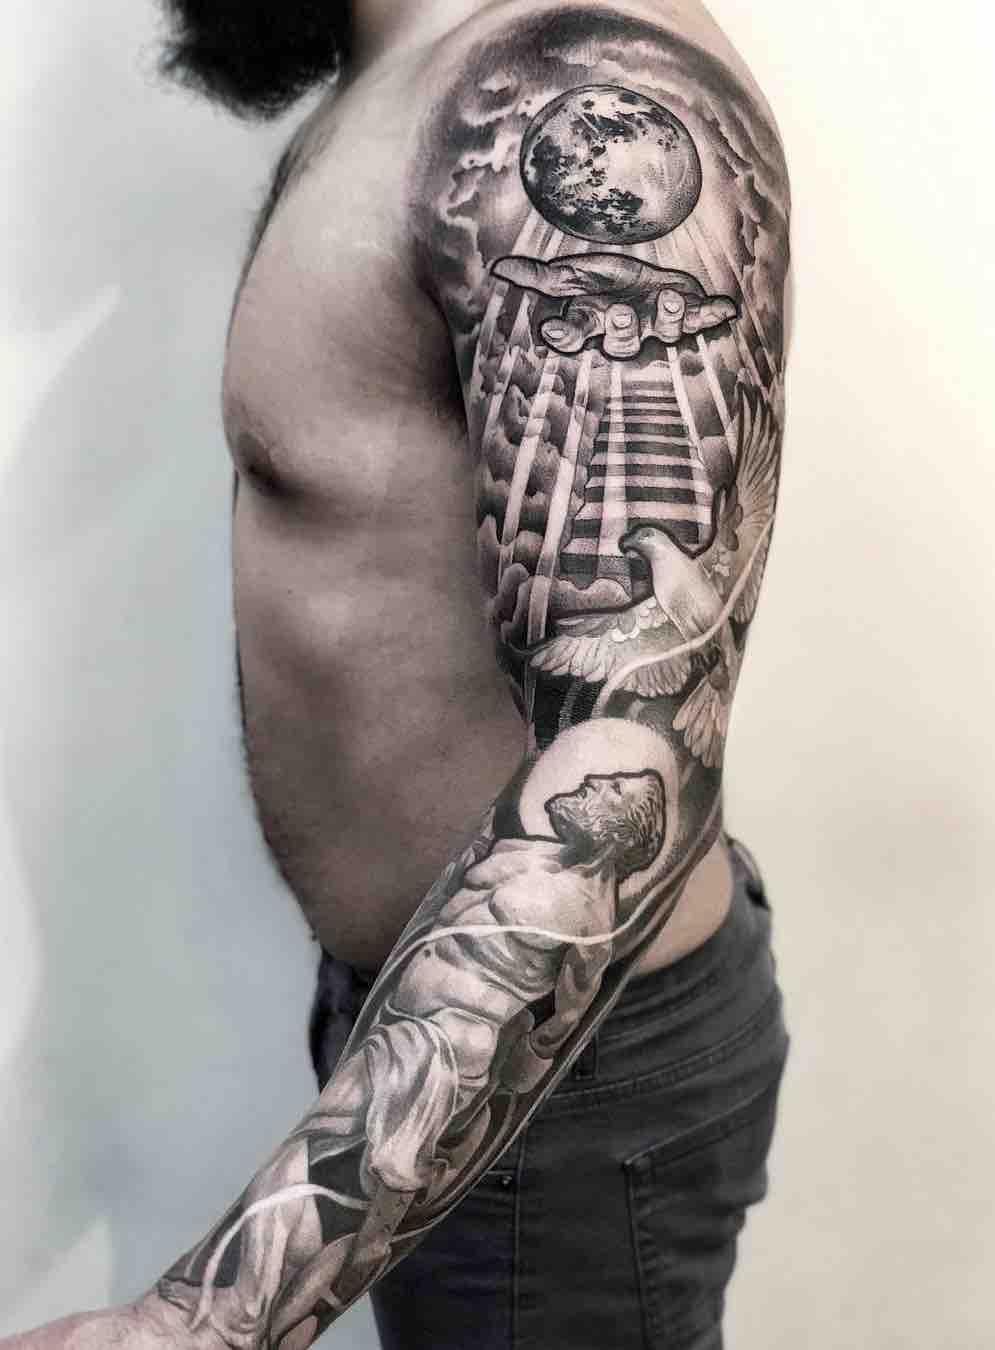 Black and Grey Tattoo Sleeve - Lilb Tattoo